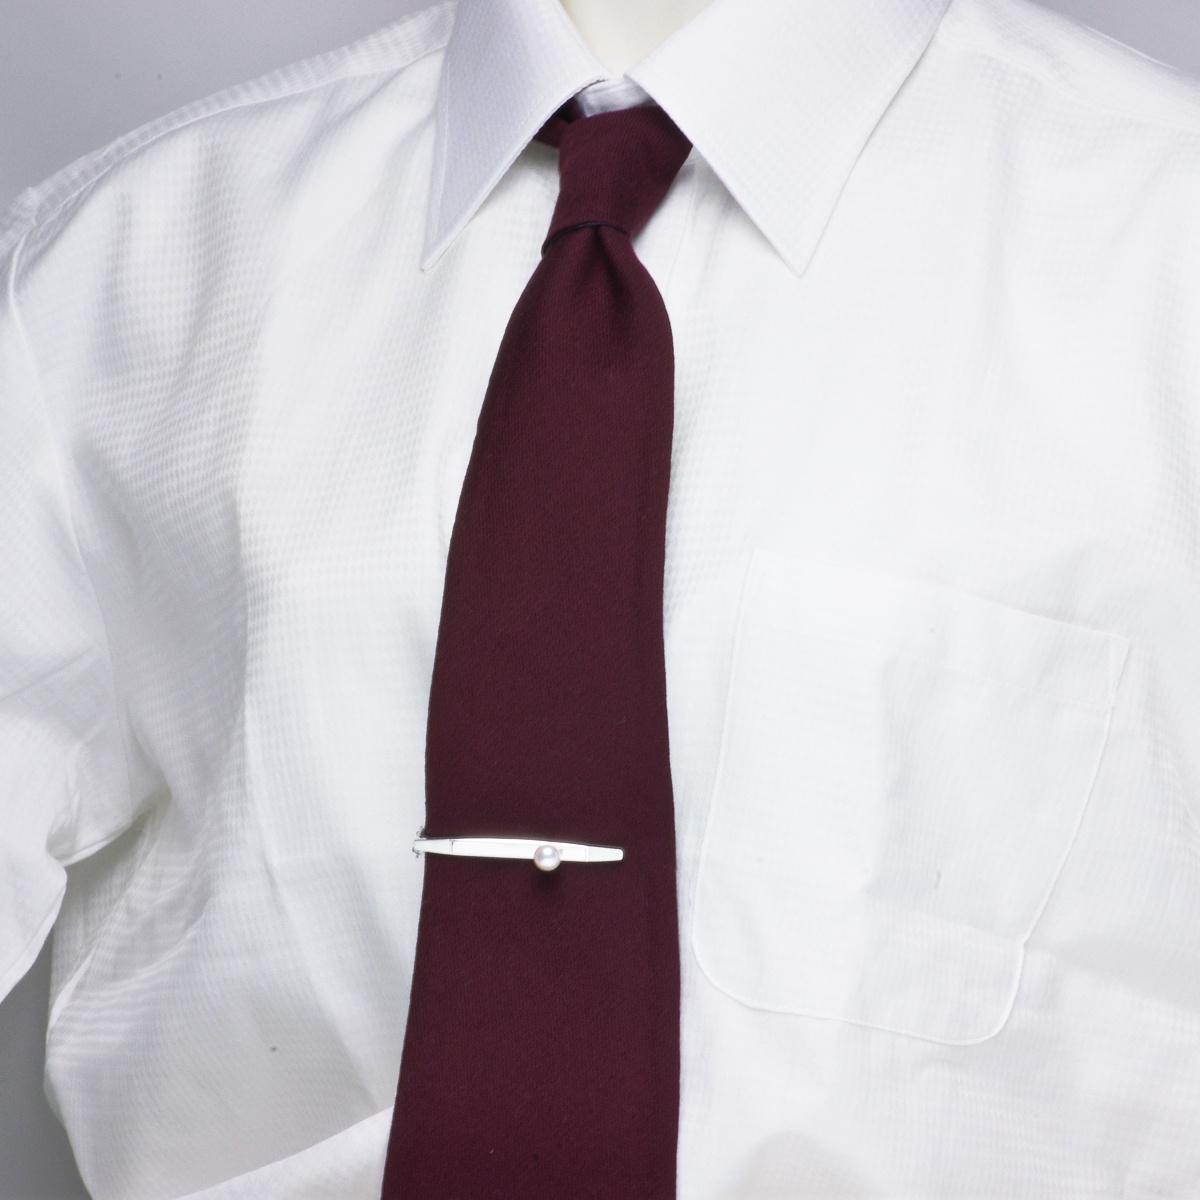 高級 淡水真珠 7.0mm パール ネクタイピン (タイピン) ギフト プレゼントの写真